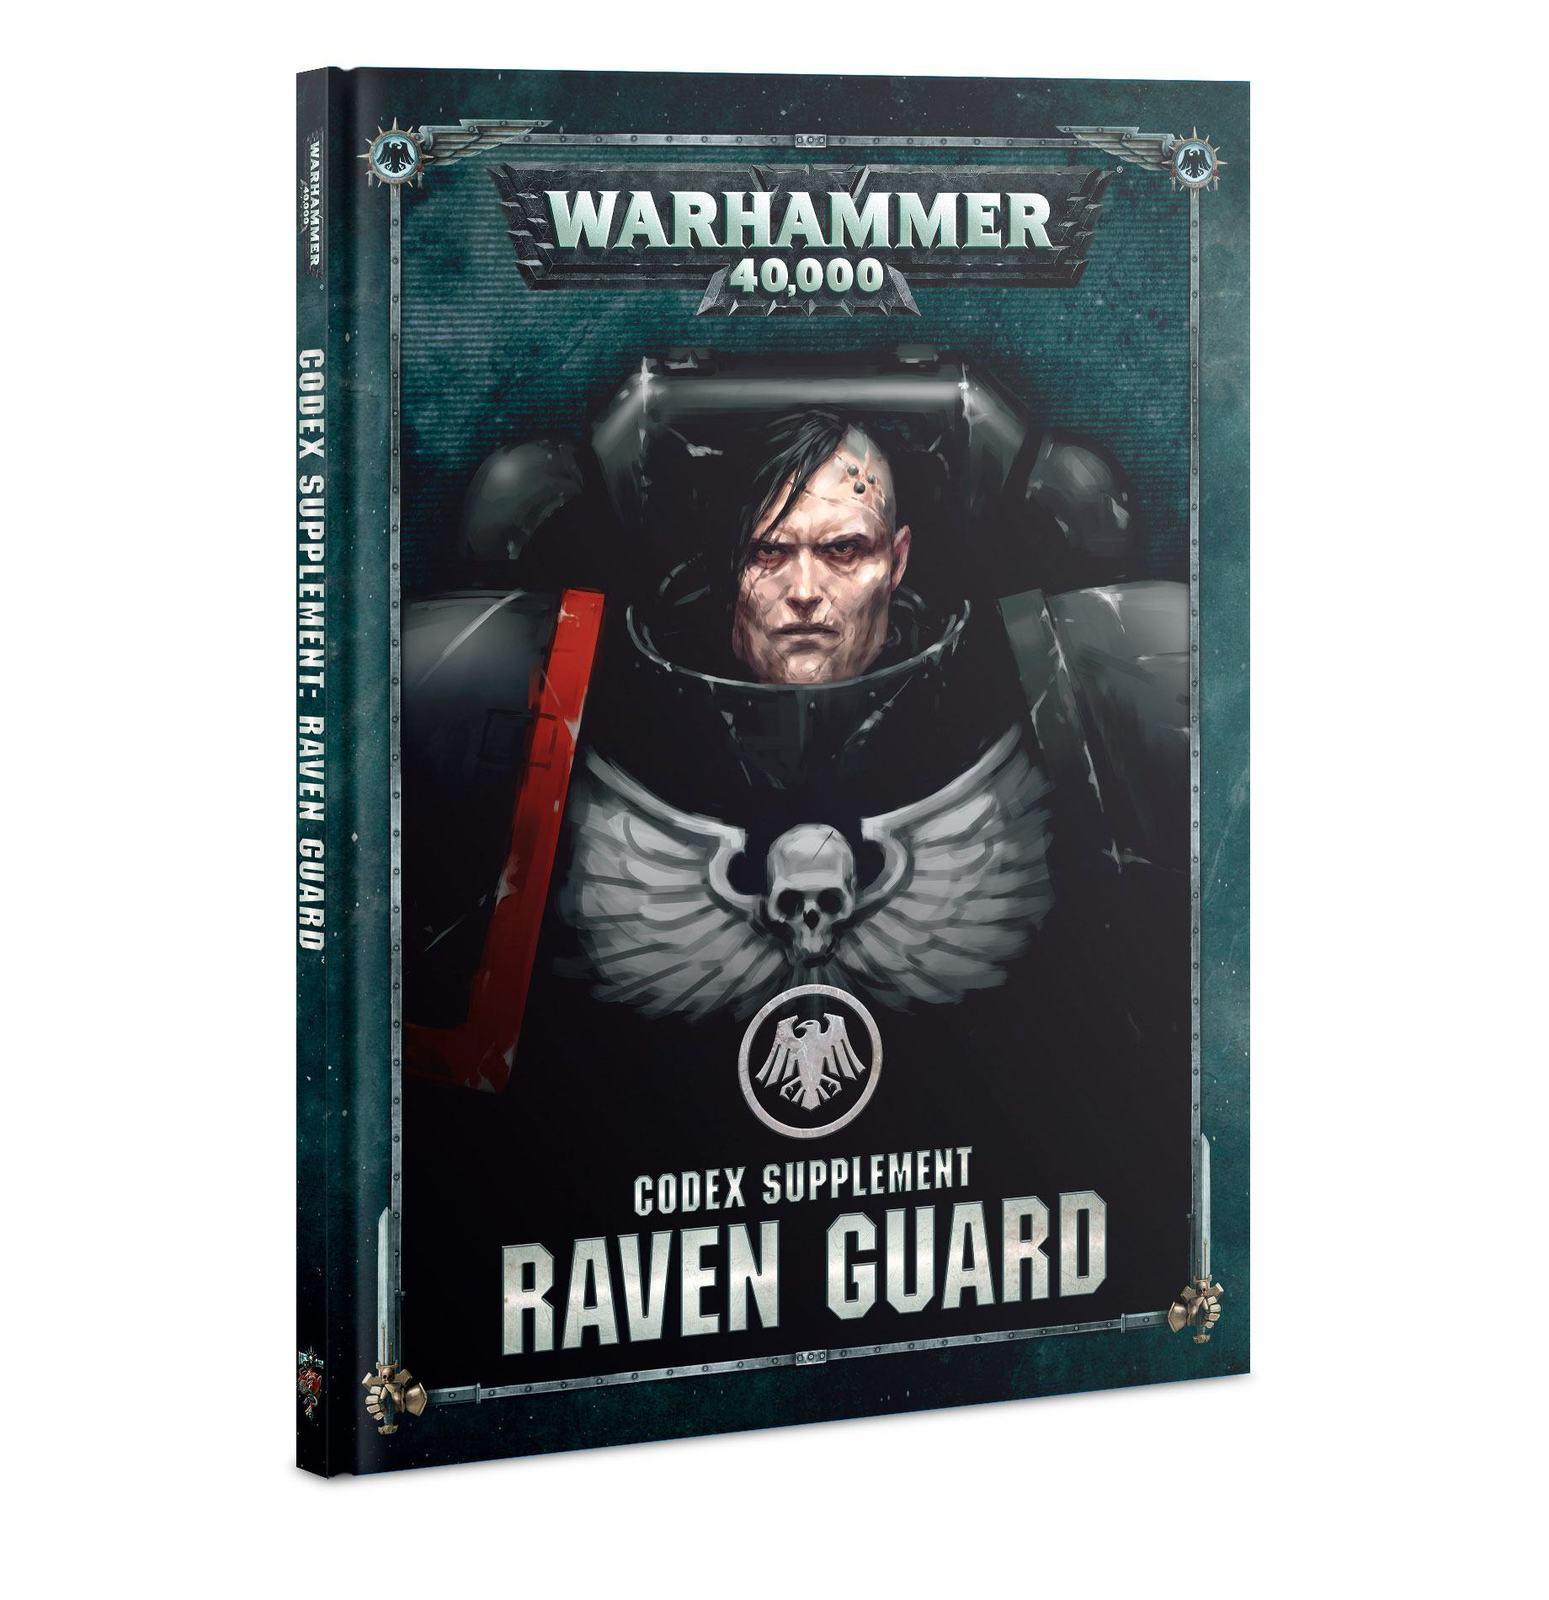 Warhammer 40,000: Raven Guard - Codex Supplement image